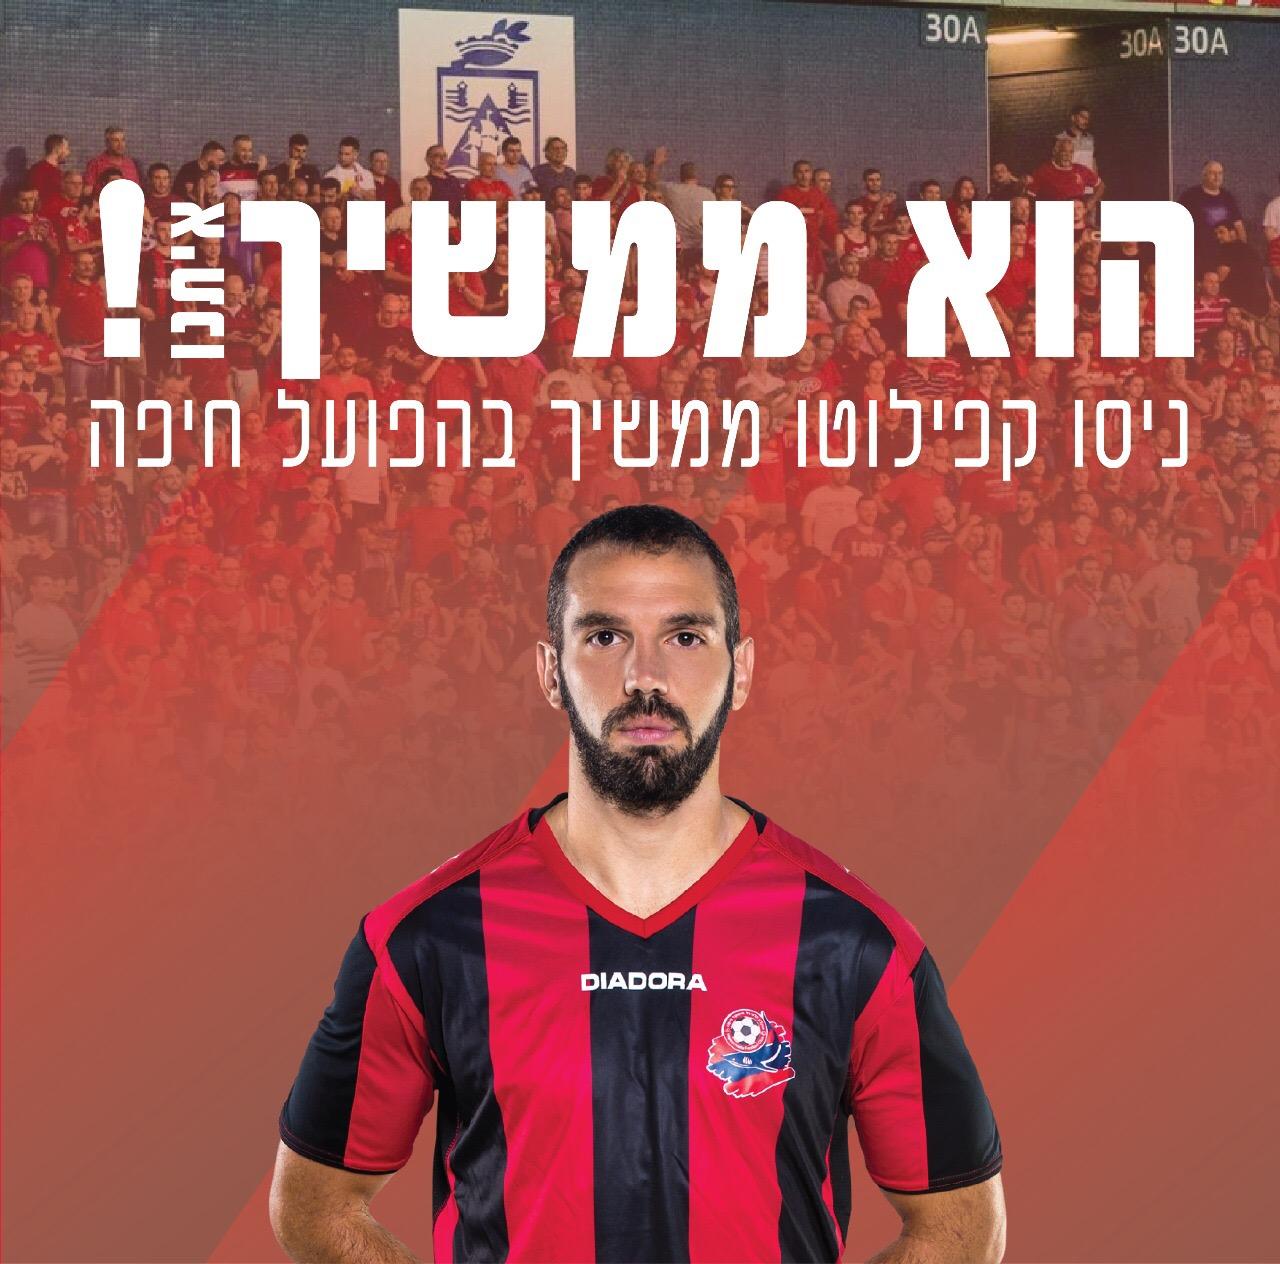 ניסו קפילוטו חתם לעונה נוספת בהפועל חיפה